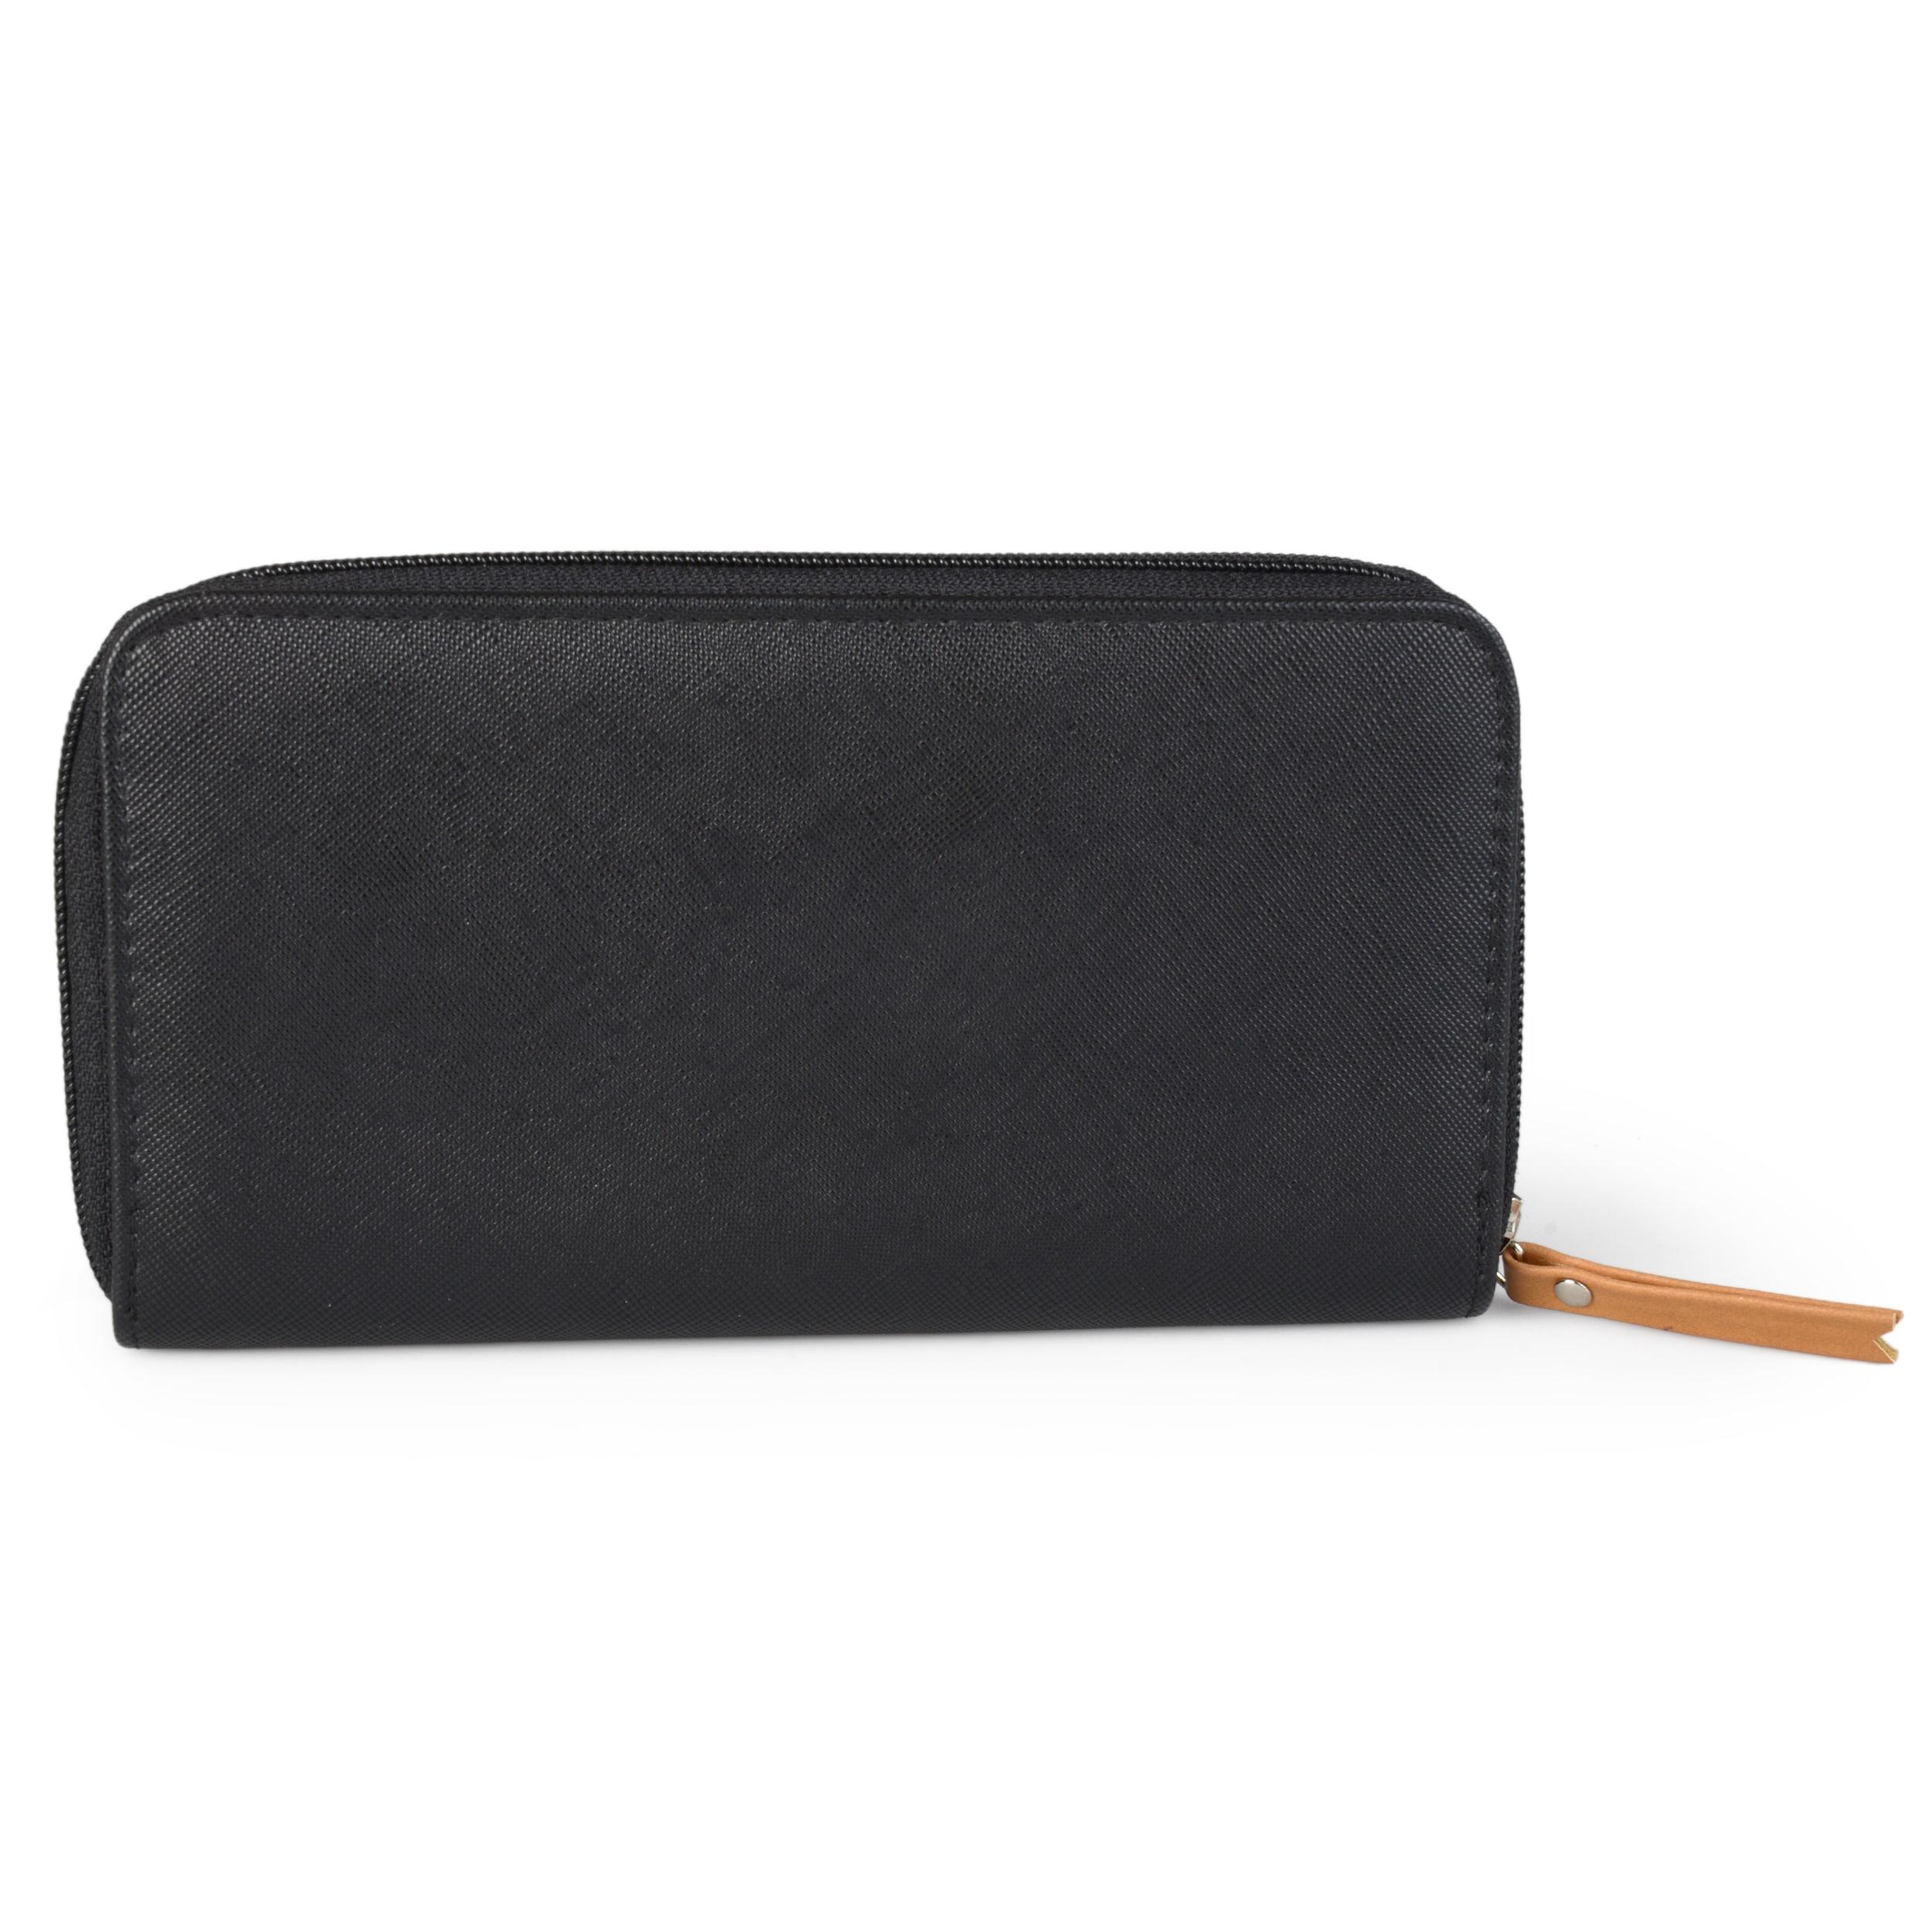 759cab2a5c27 Nautica Women's RFID Blocking Saffiano Leather Zip Around Clutch Wallet